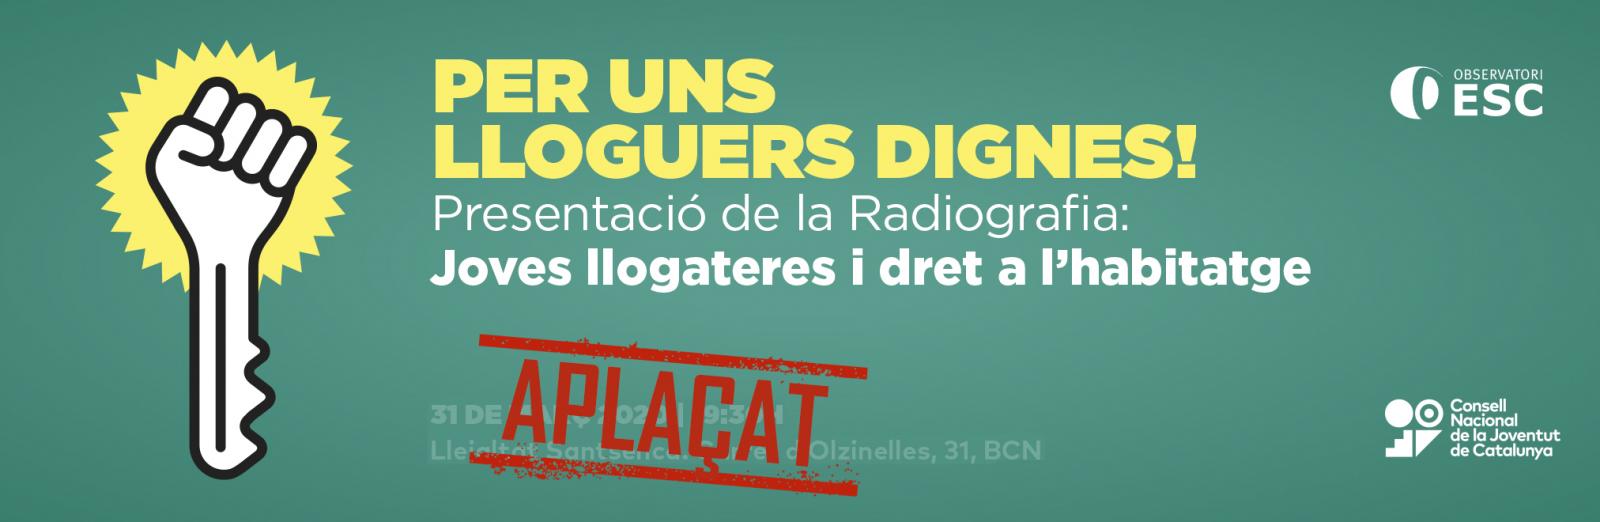 Radiografia-Habitatge-presentacio-ajornament